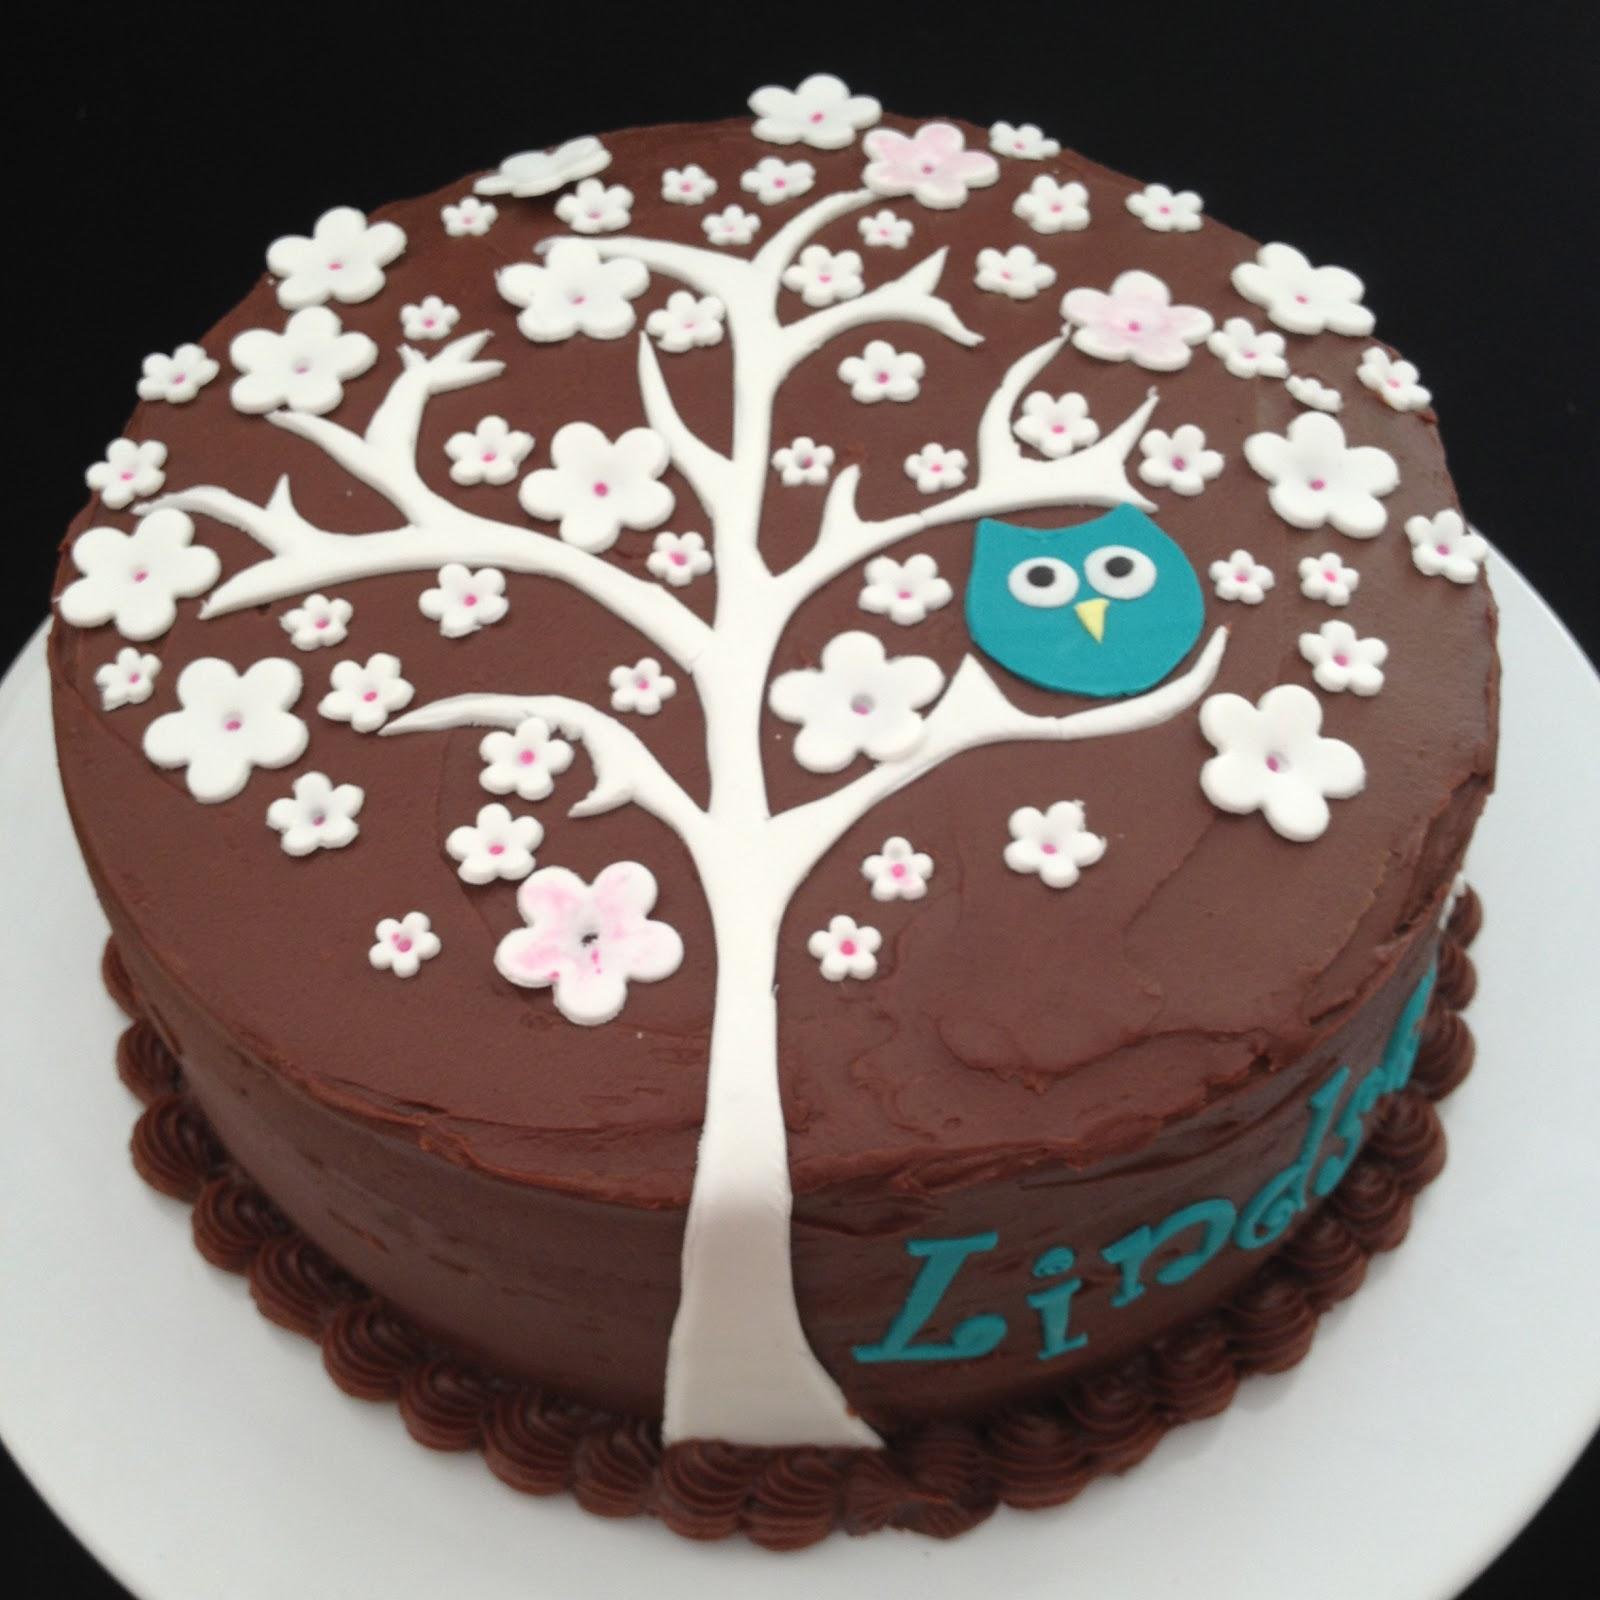 【蛋糕】20吋蛋糕 – TouPeenSeen部落格